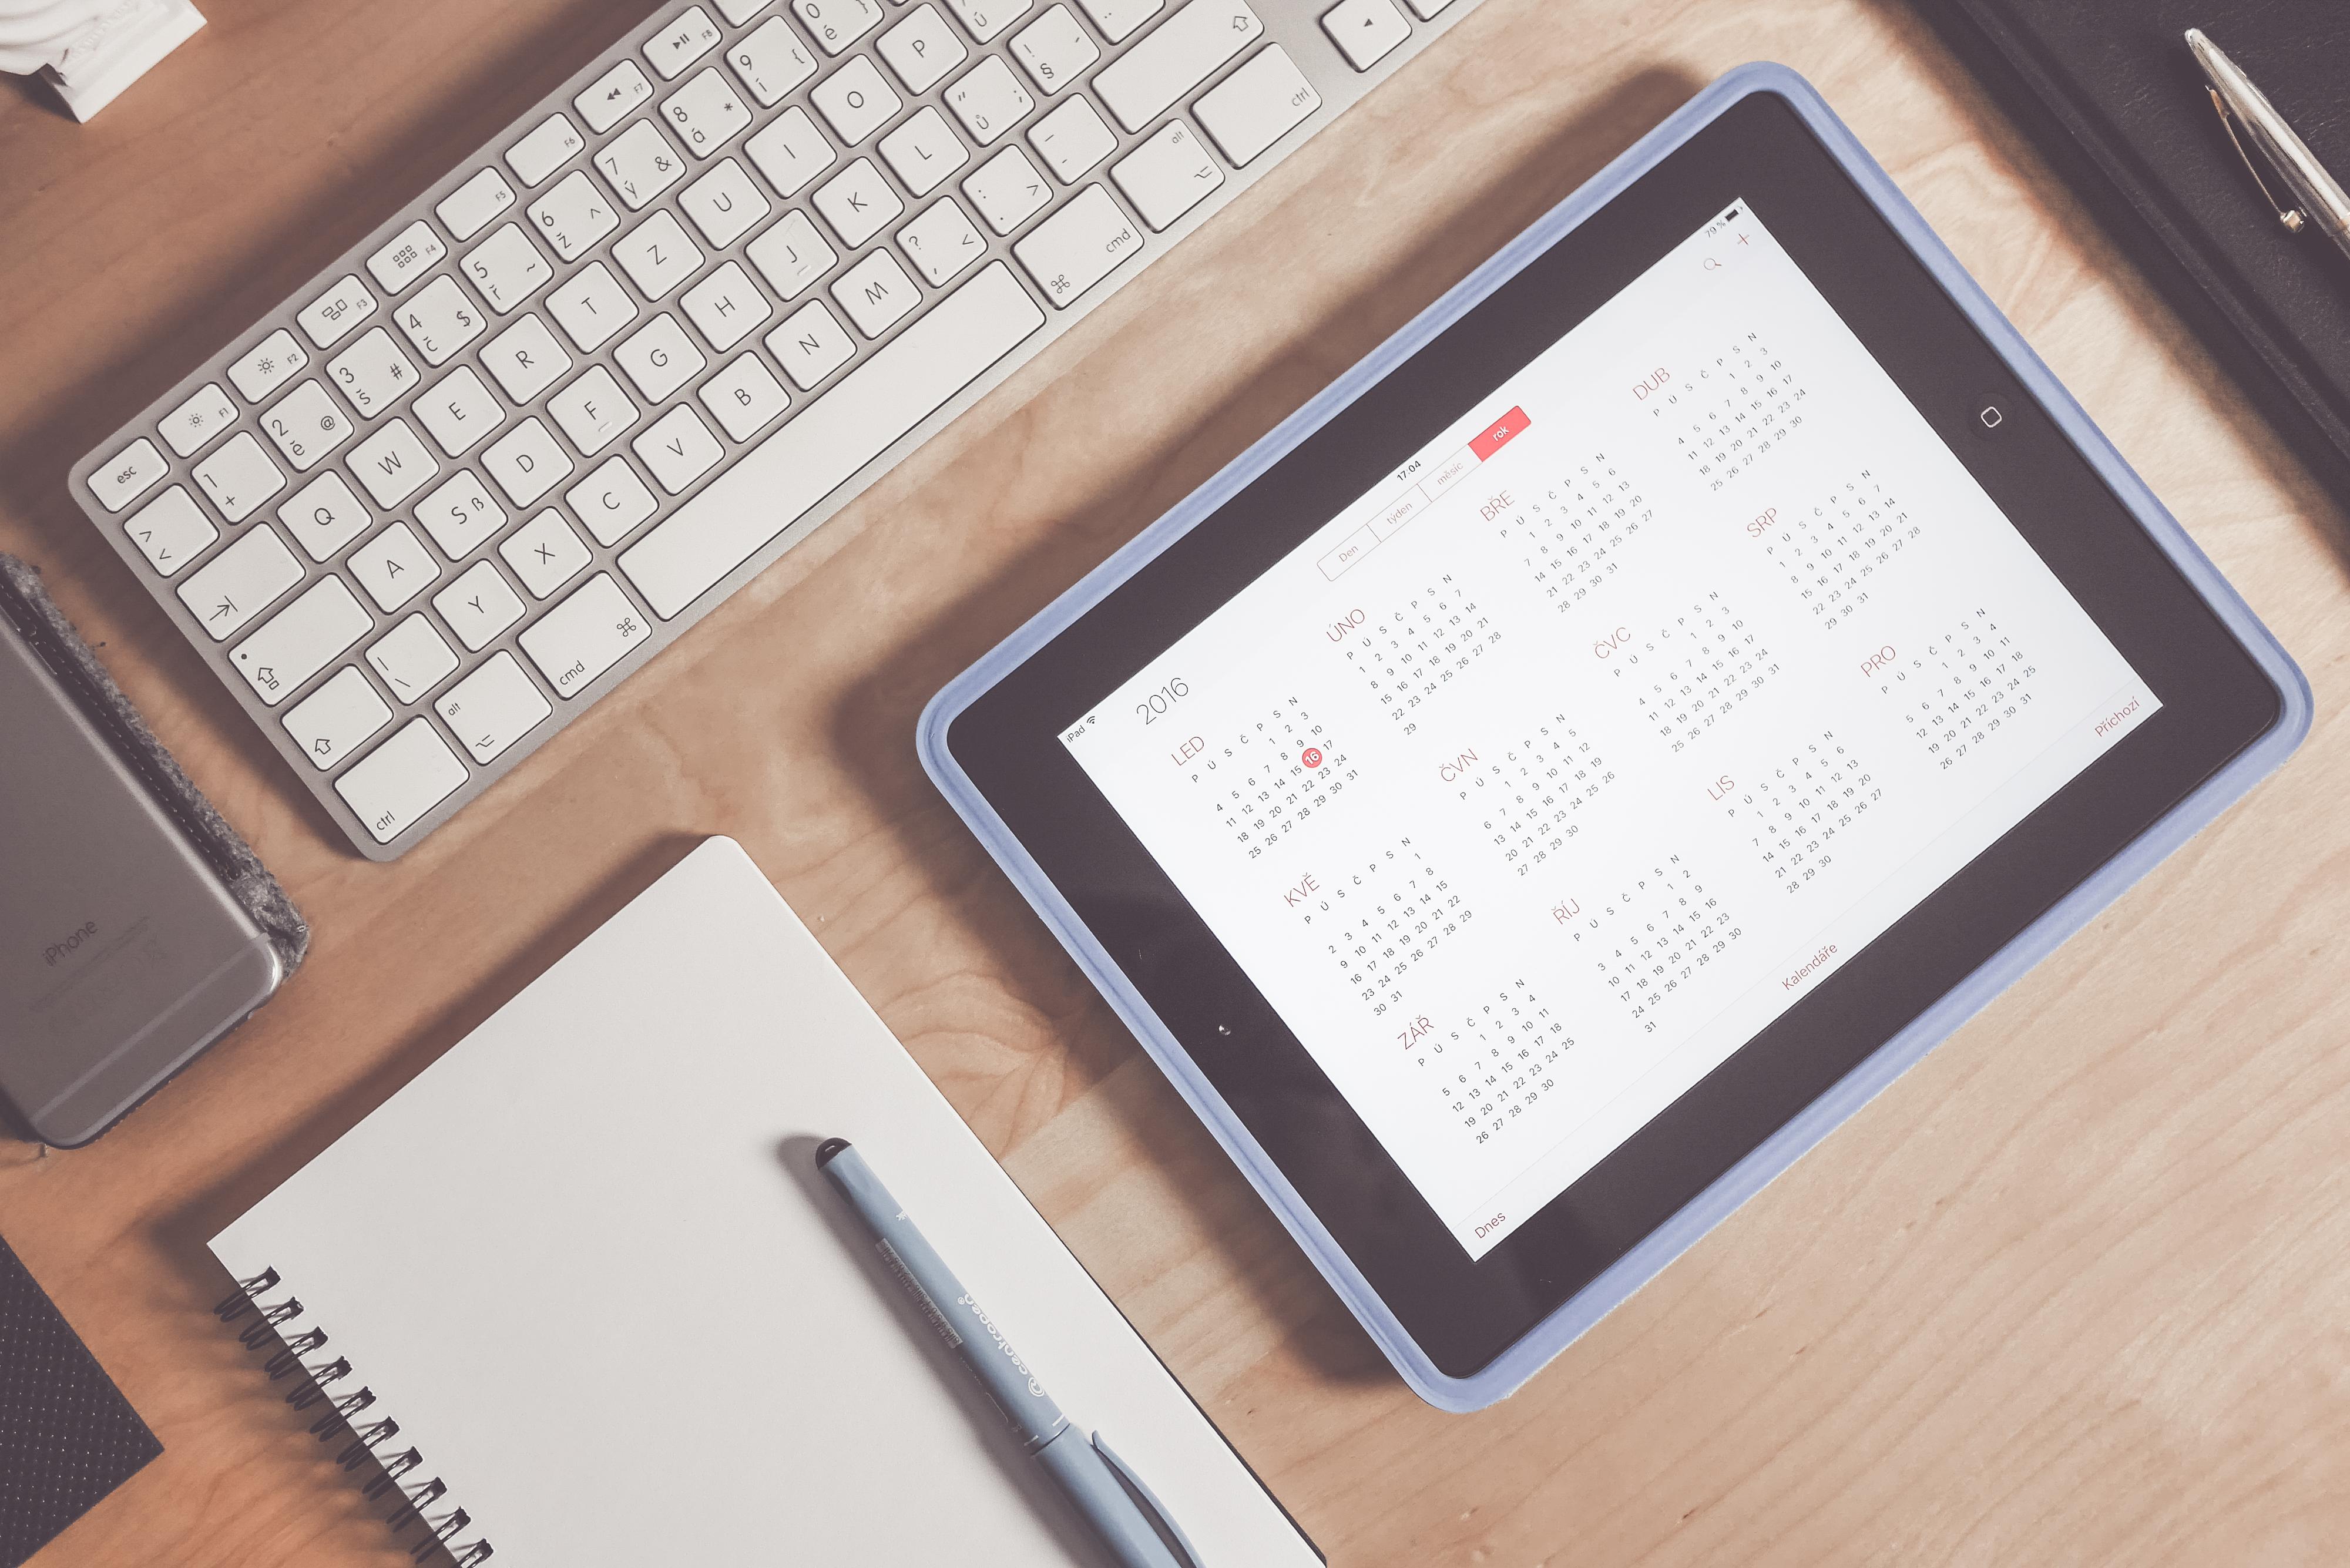 Grey Apple Keyboard and Grey Ipad - Hotcopy